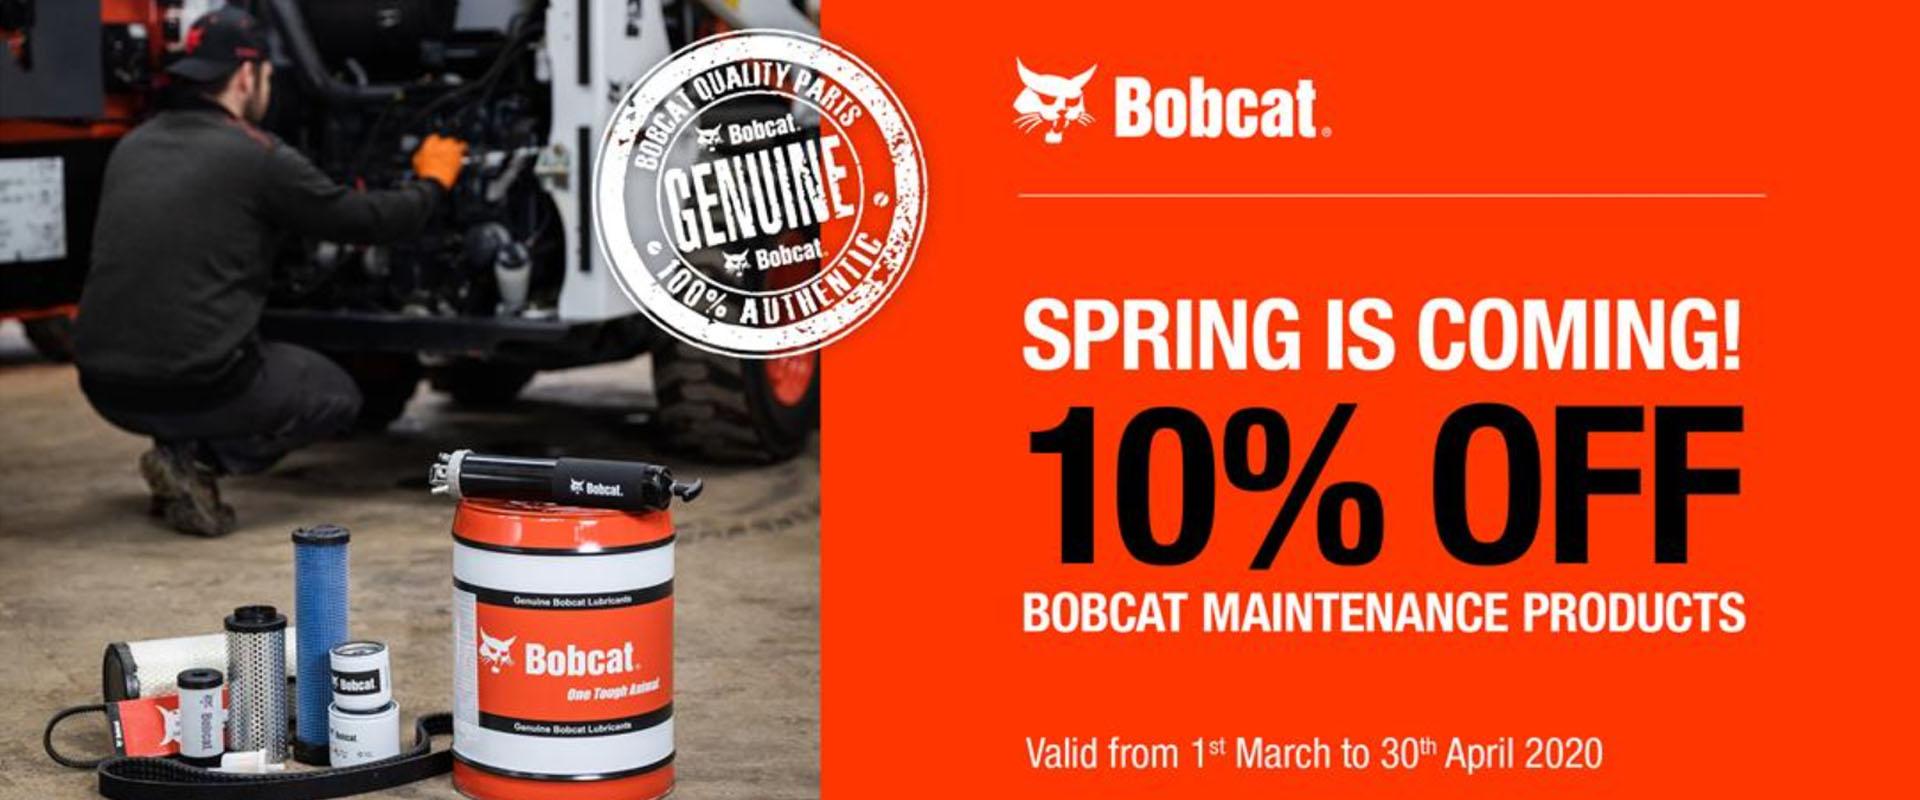 Bobcat Offer